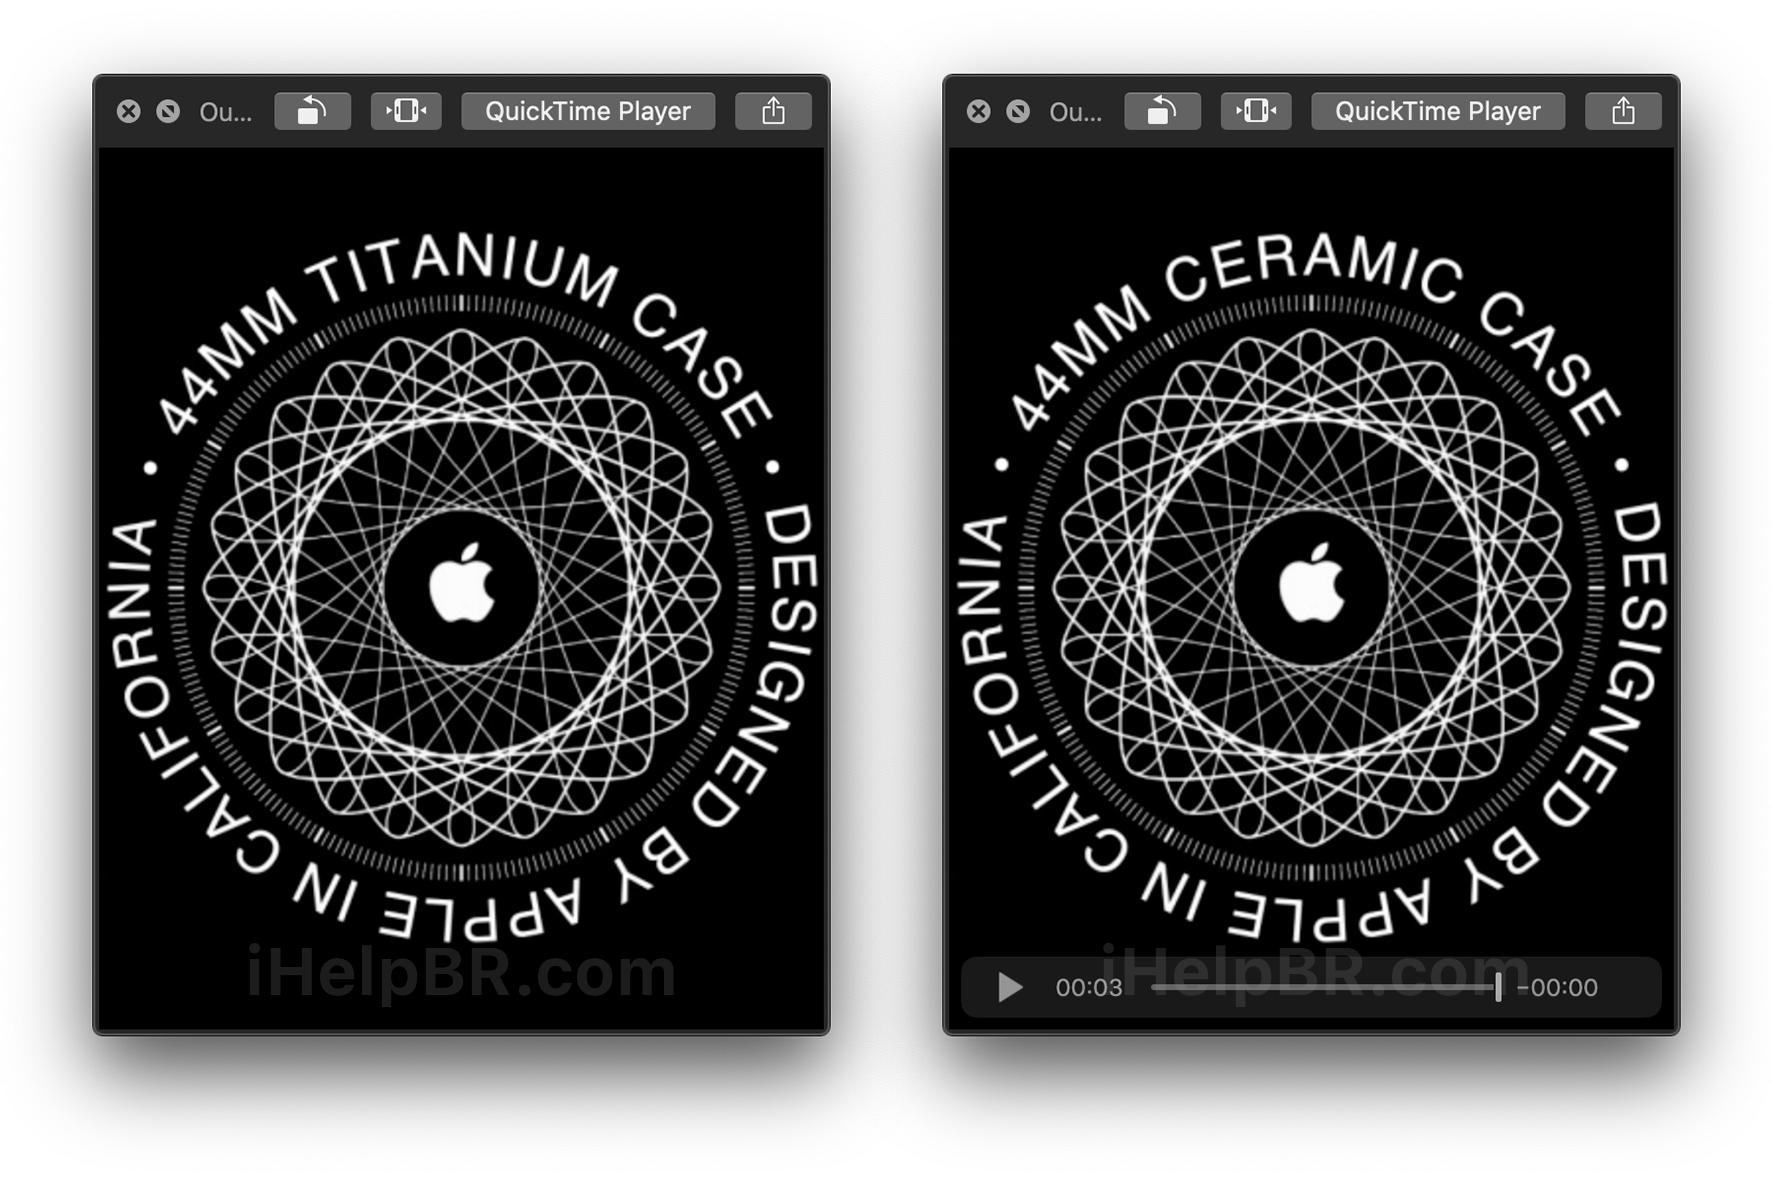 Titanium and Ceramic Apple Watch